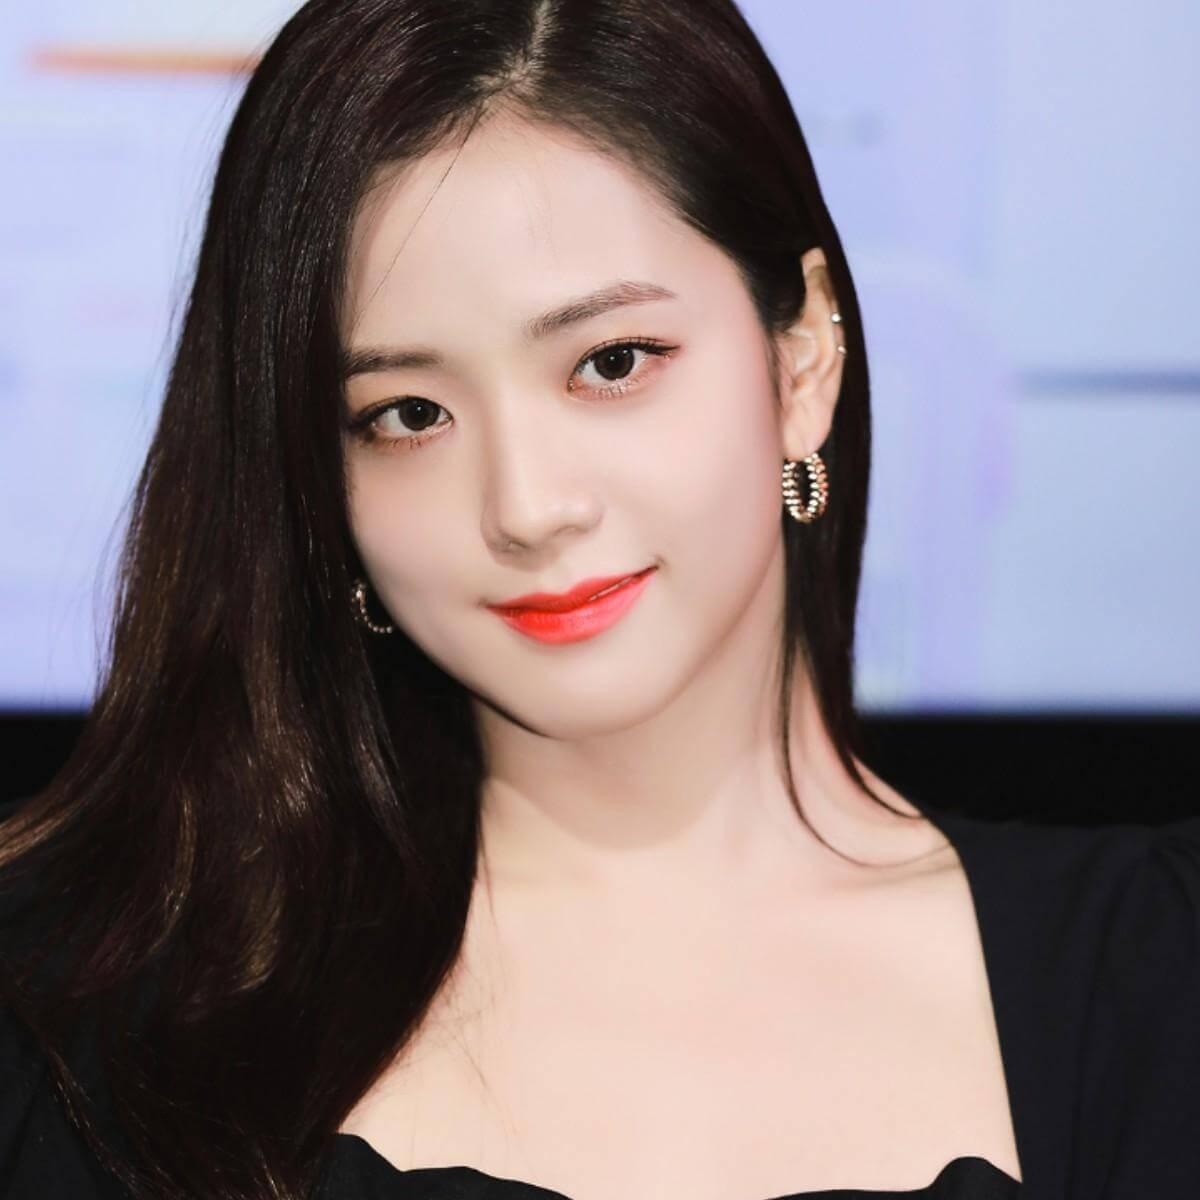 Kim Ji-soo